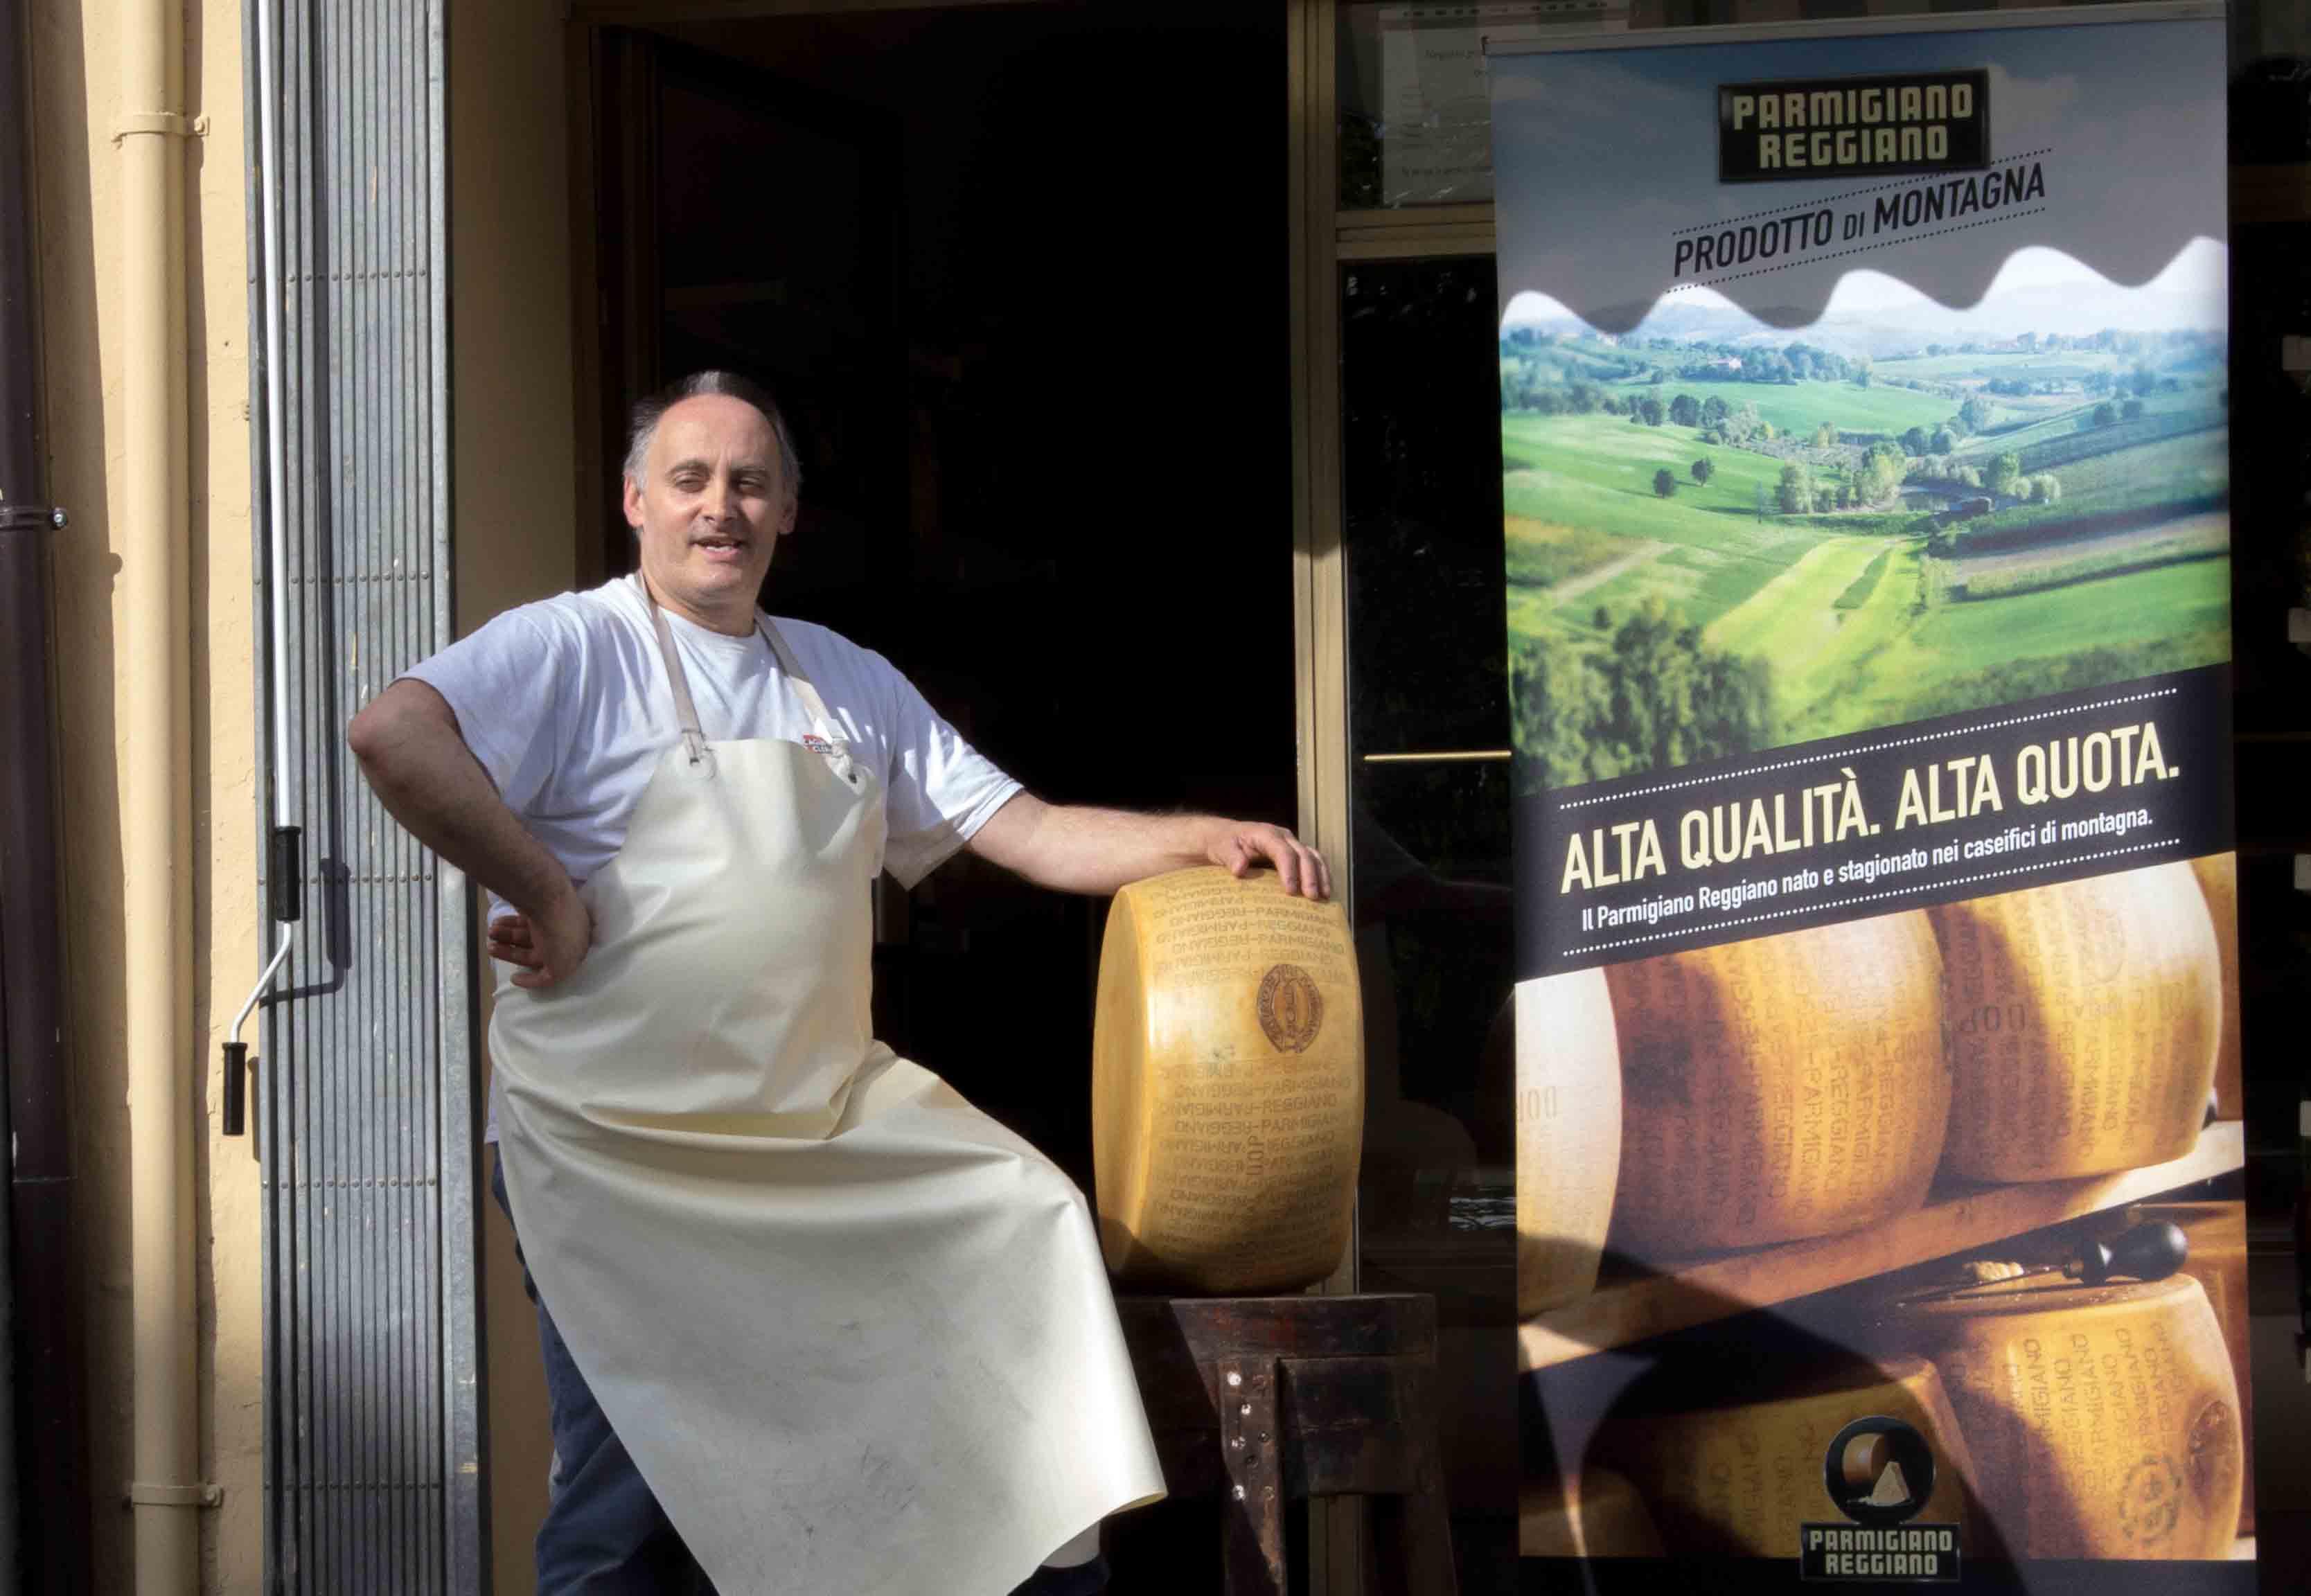 Vendita forme di Parmigiano Reggiano Prodotto di Montagna